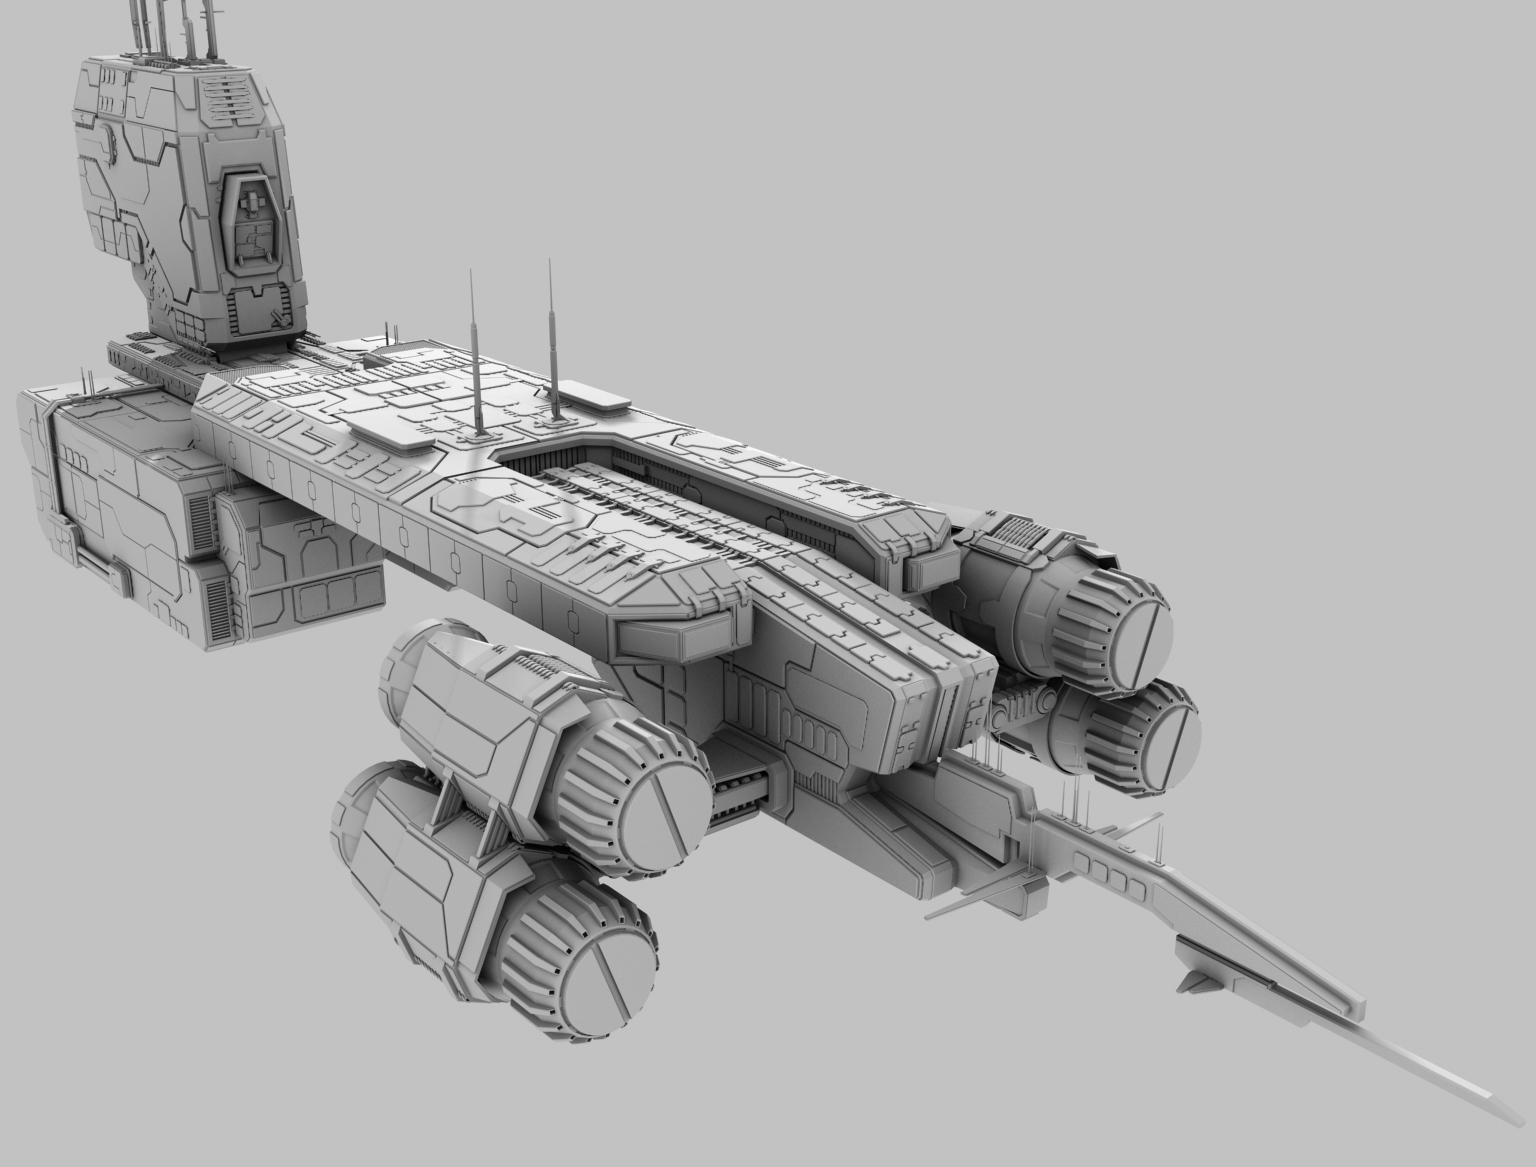 Terran Spaceship By Joystickjunky 3docean